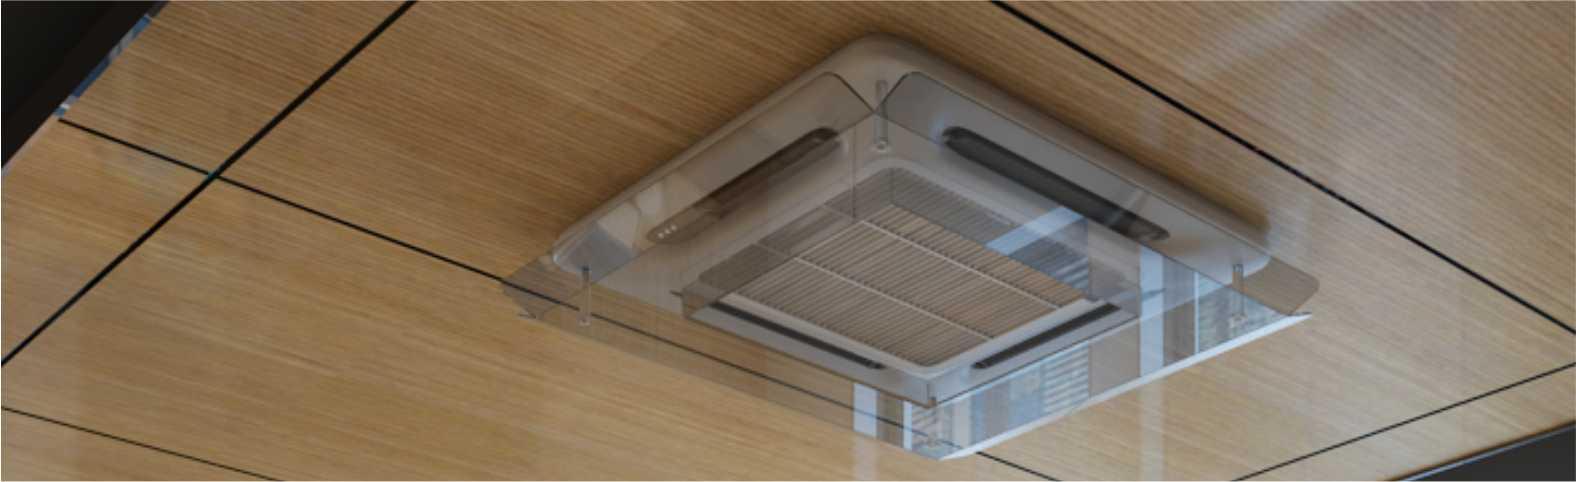 kaset tipi klima aparatı, Split klima aparatı, klima hava yönlendirici aparat, split klima hava yönlendirici, klimalık split klima aparatı, klima hava yönlendirici, AC Deflector, Klima rüzgar önleme,